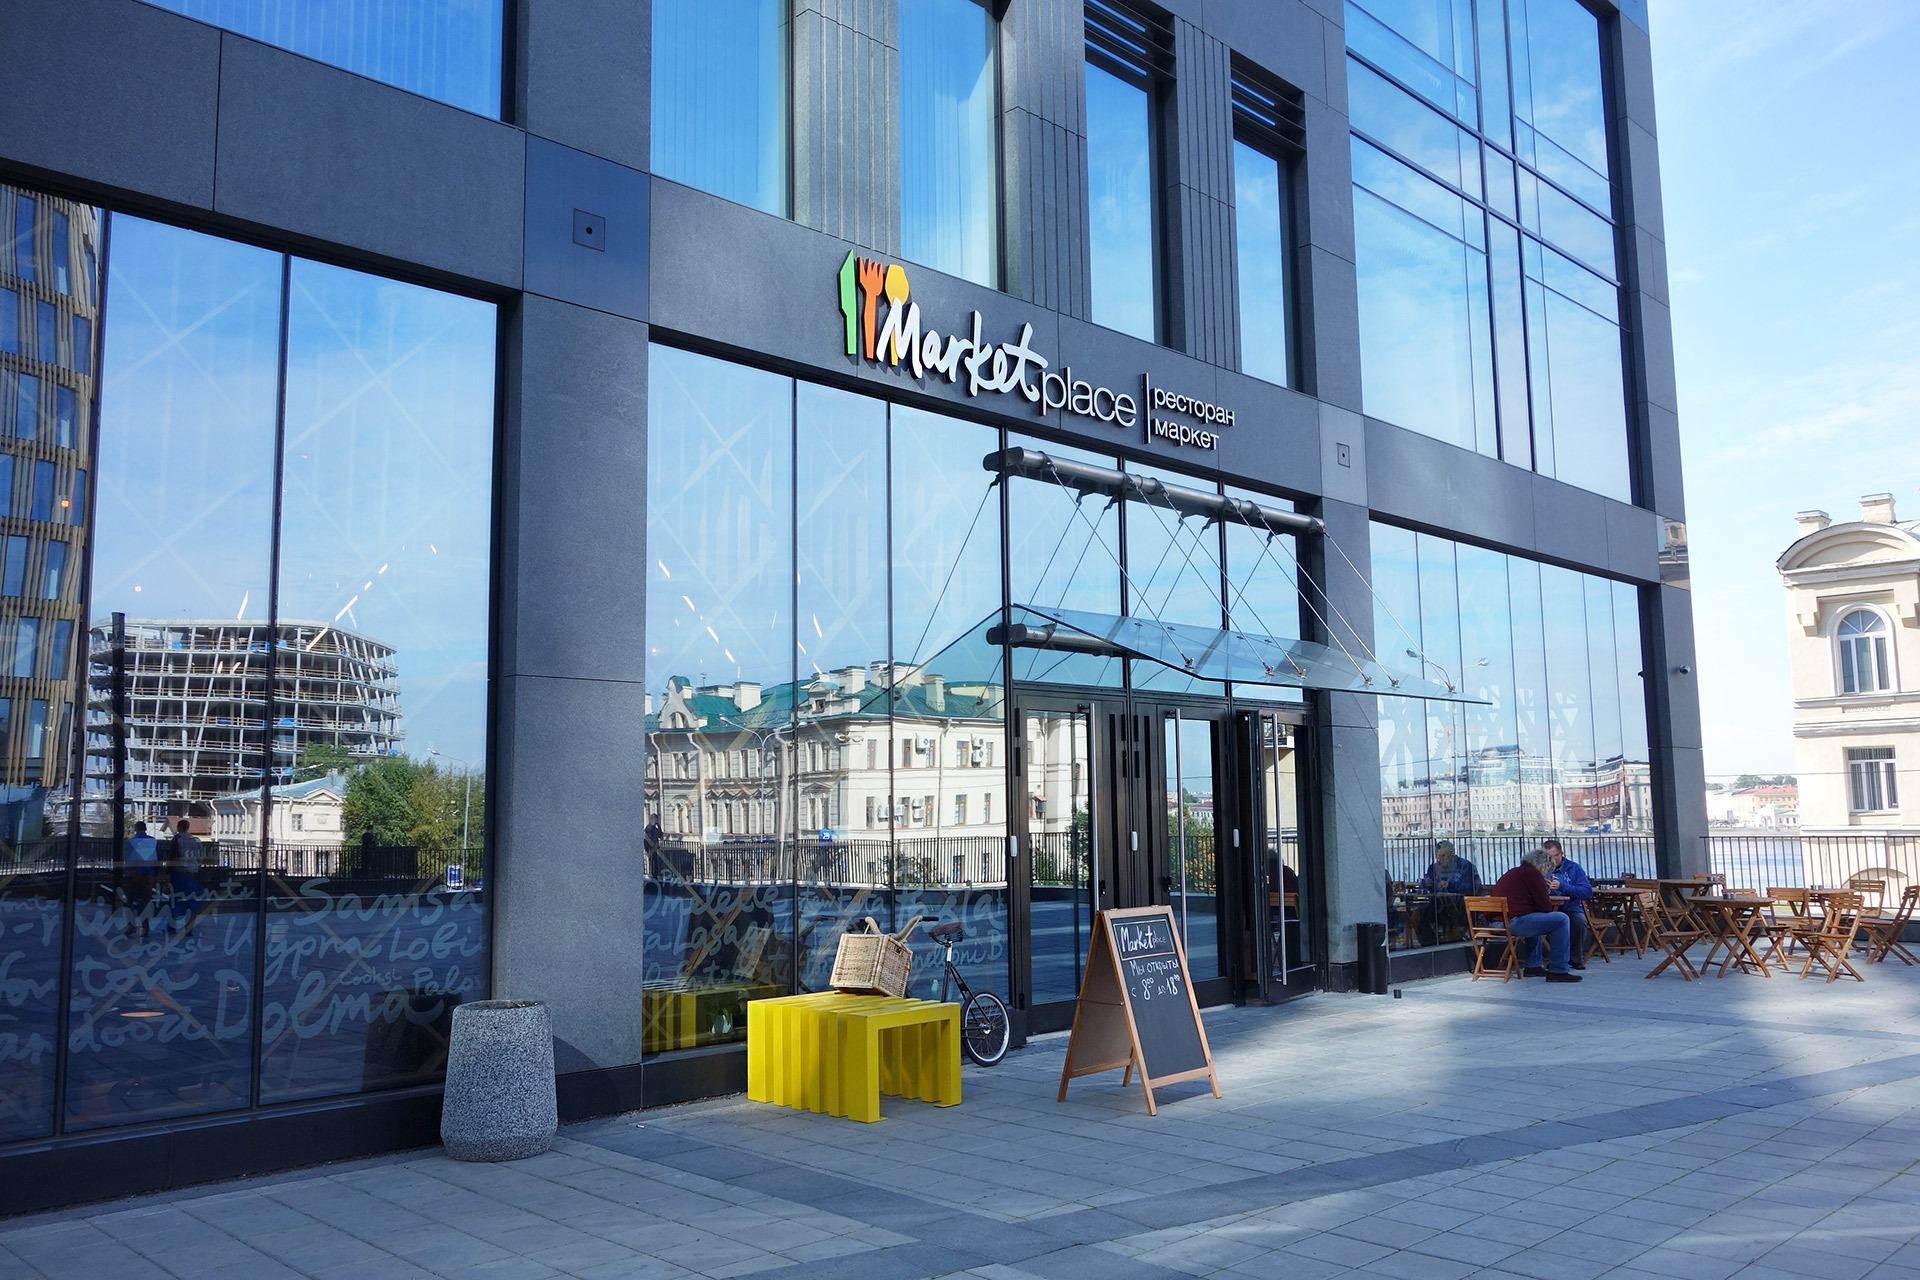 Асгард Брендинг, фирменный стиль, брендинг фасада ресторана, оформление входной группы, айдентика, лого, ресторан Marketplace, дизайн, средовой дизайн, брендинг ресторана